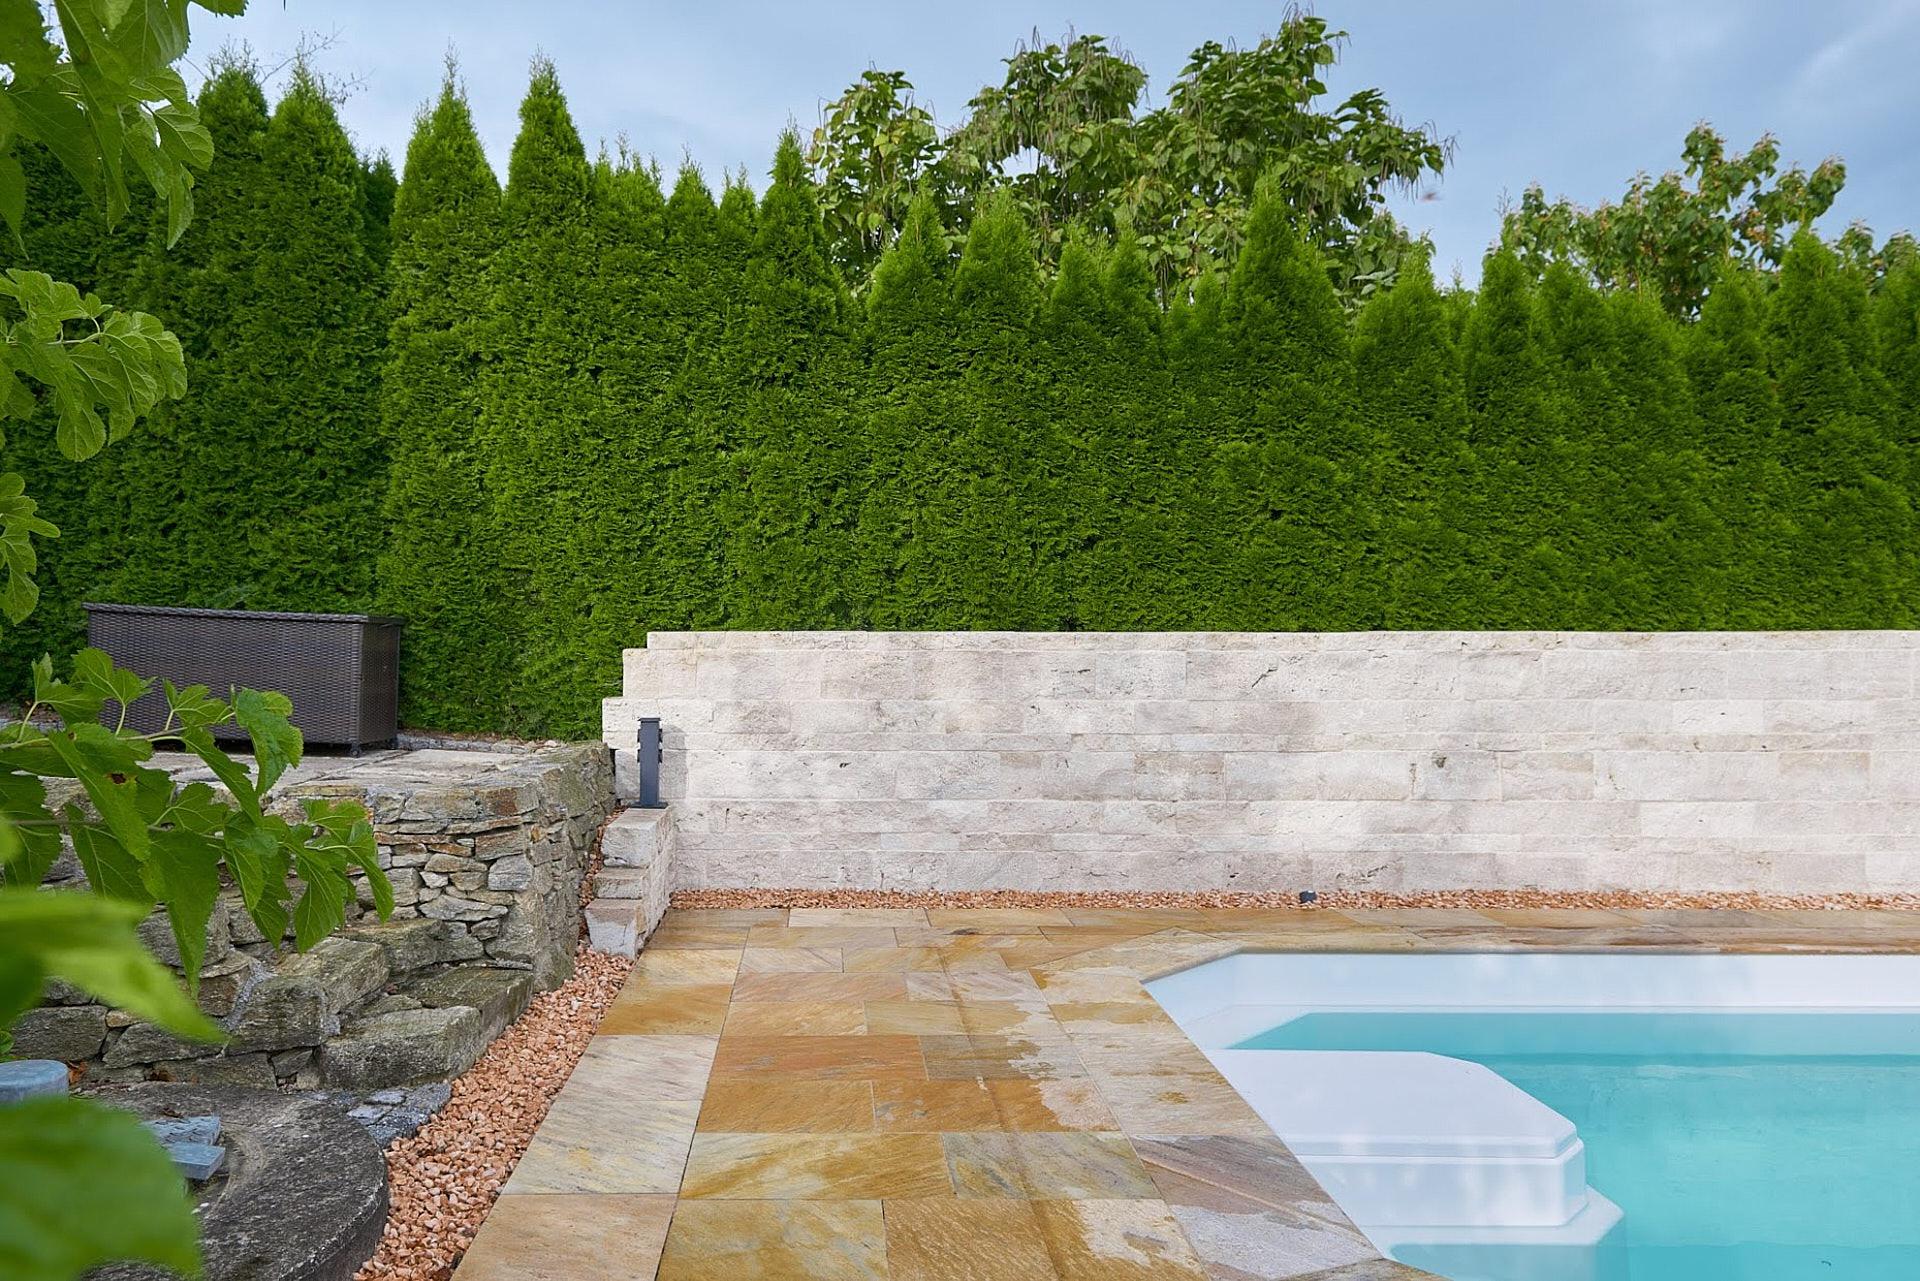 Natursteinmauer im Garten beim Pool